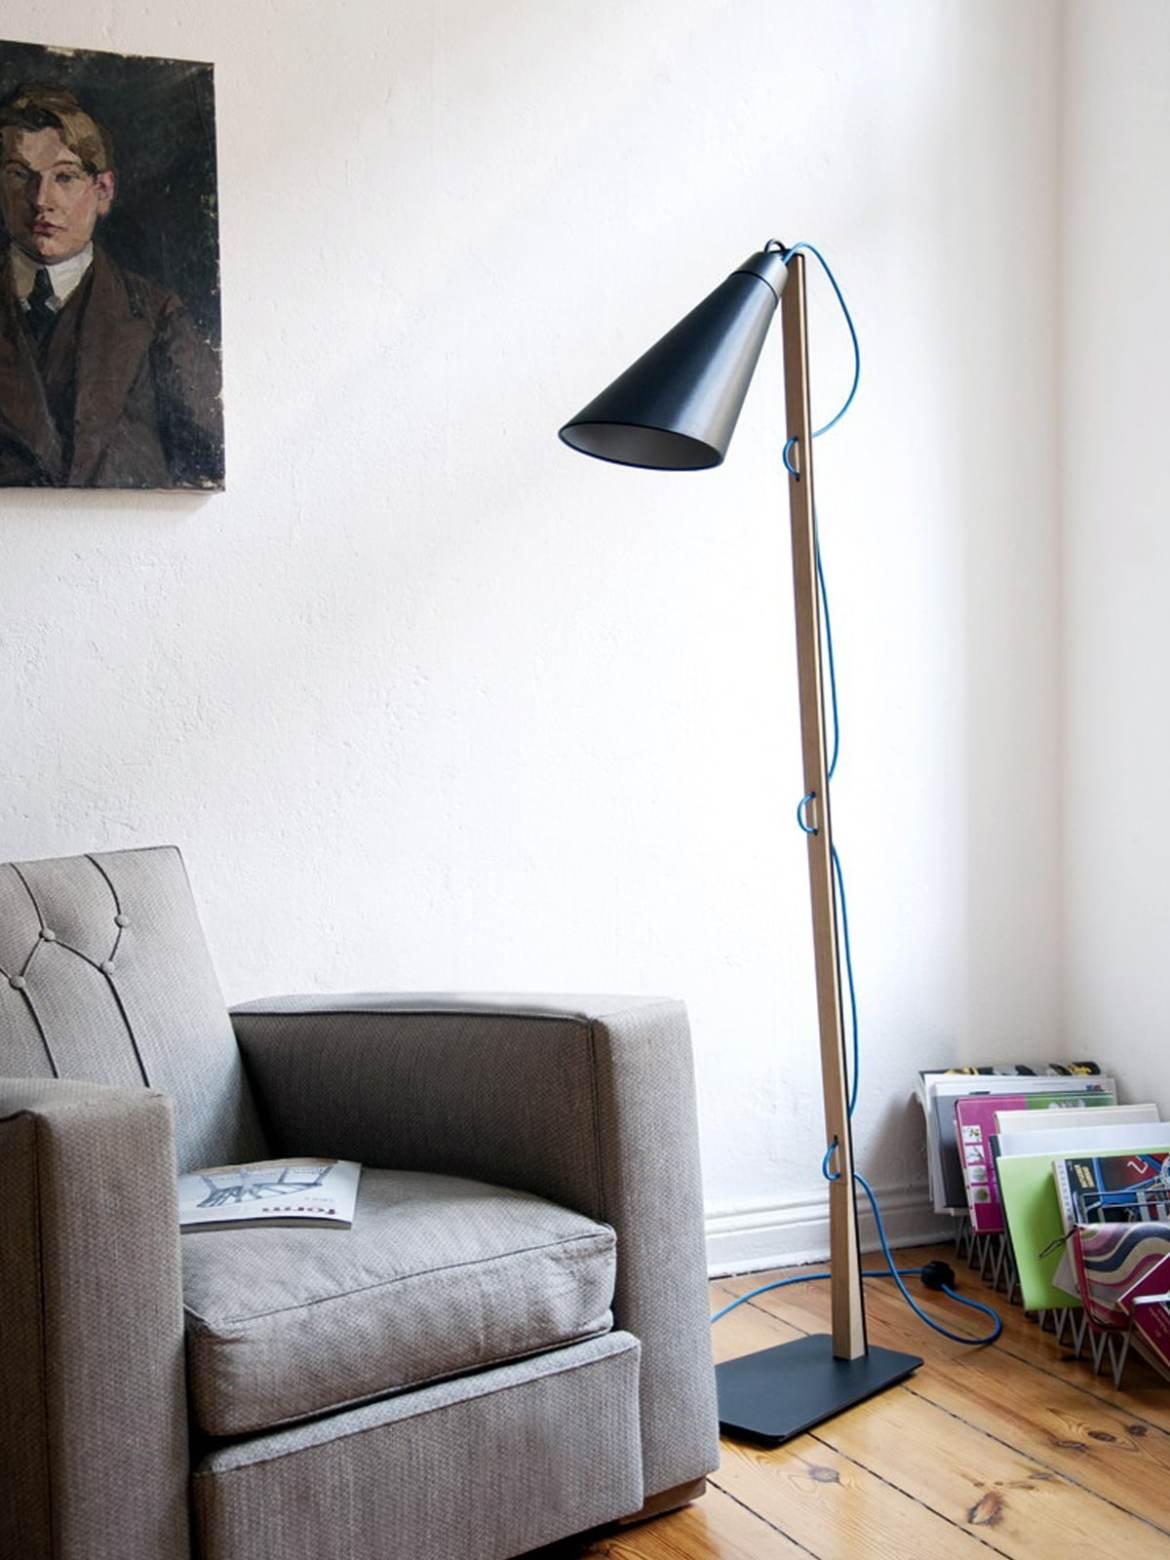 Designerleuchten von Domus Stehleuchte PIT DesignOrt Berlin